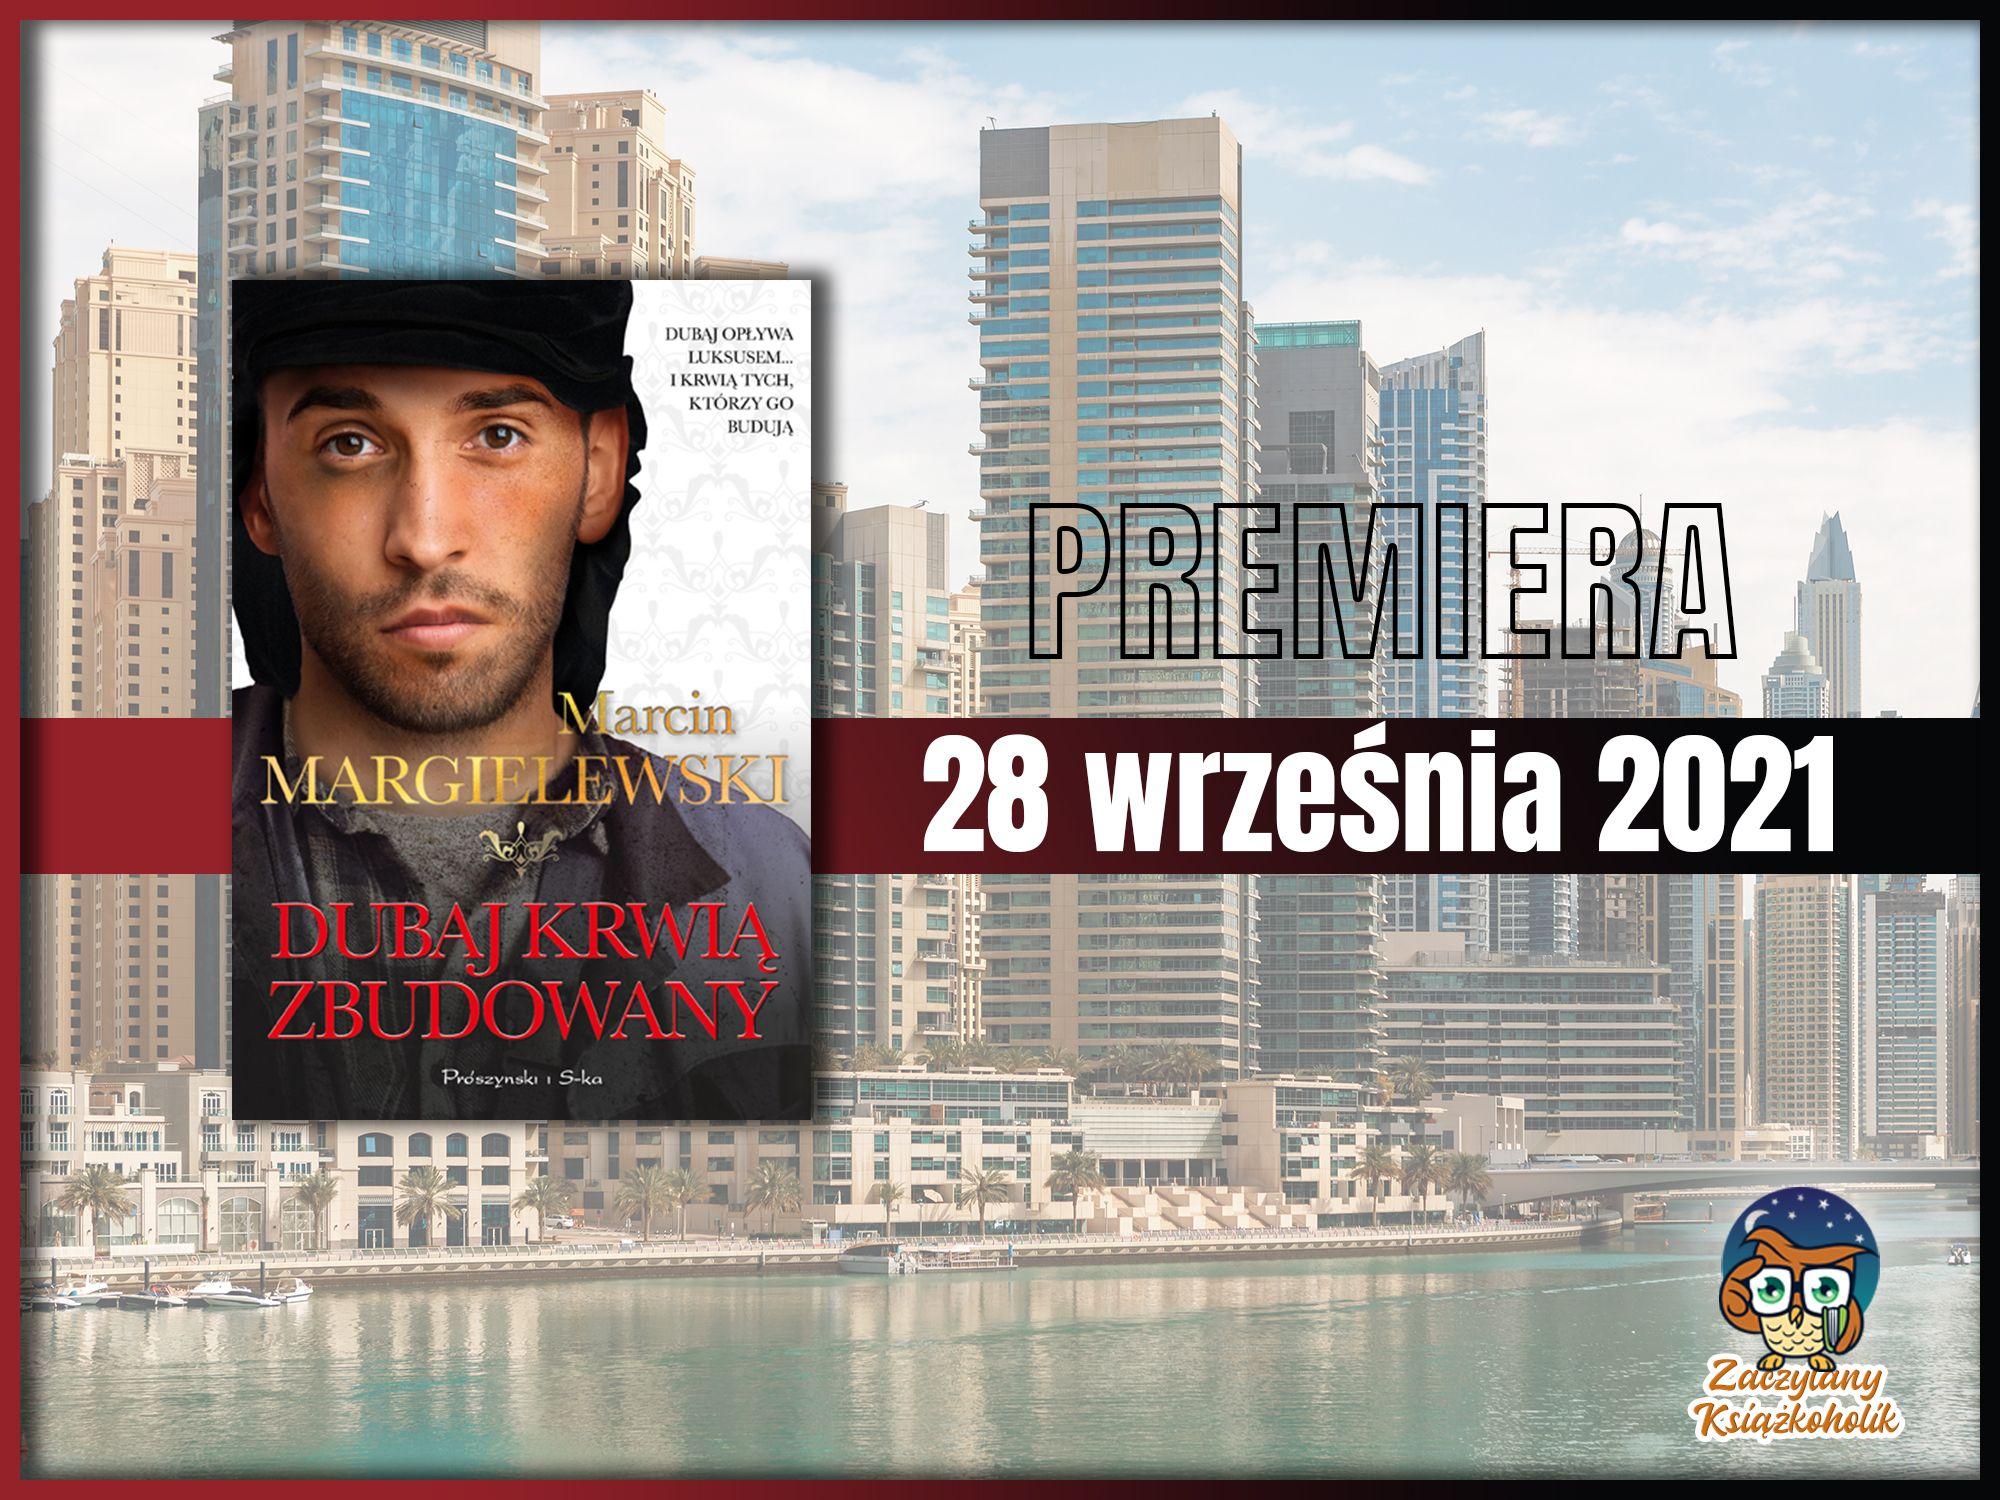 Dubaj krwią zbudowany, Marcin Margielewski, zaczytanyksiazkoholik.pl